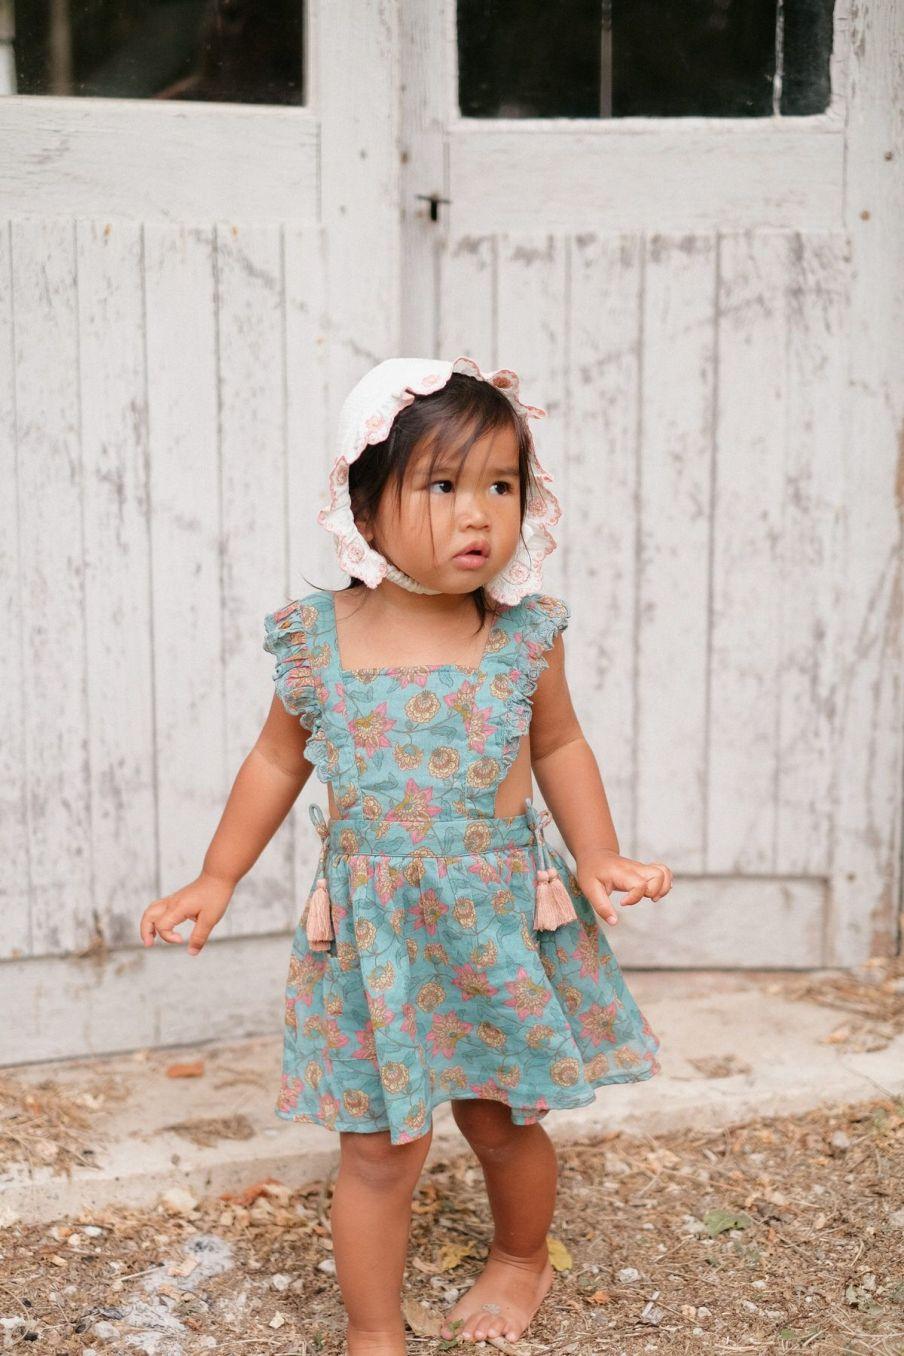 boheme chic vintage robe bébé fille mistinguette turquoise flowers